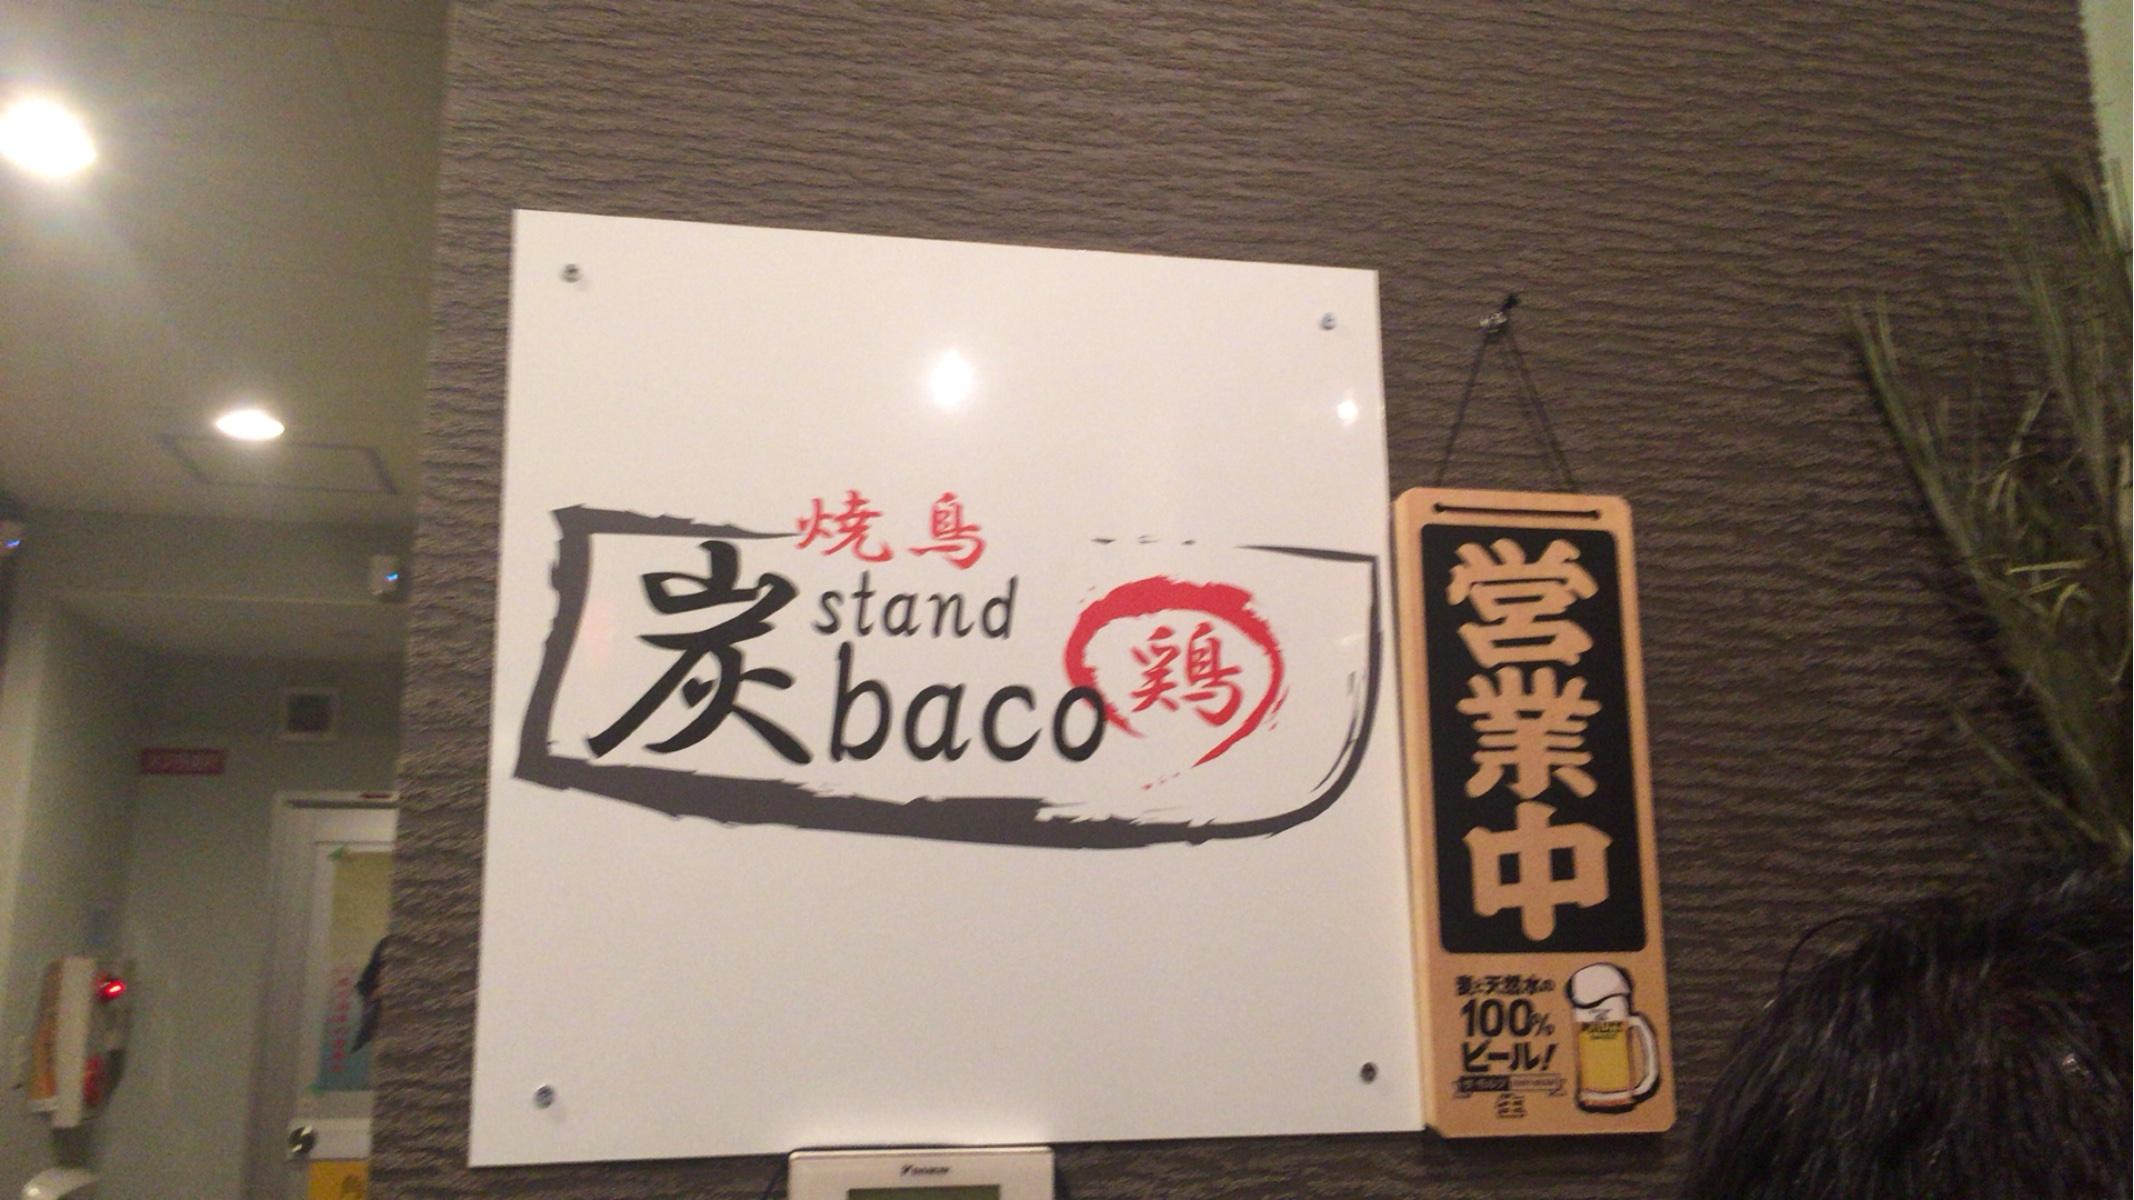 大阪新世界横丁焼き鳥屋baco